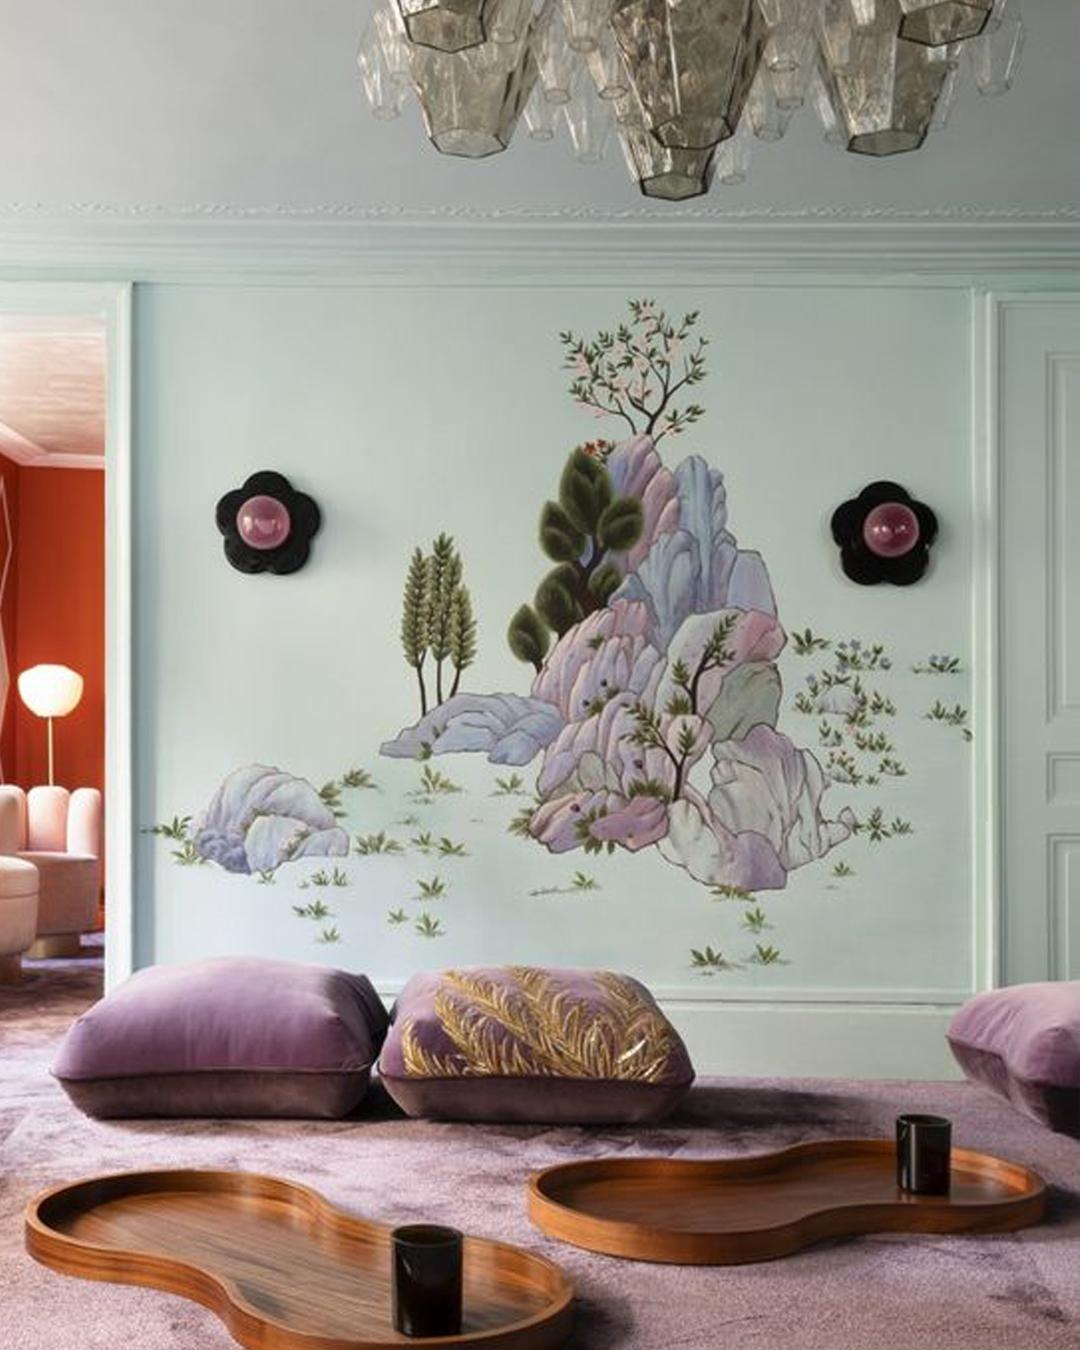 de Gournay mural wallpaper against a mint green wall.